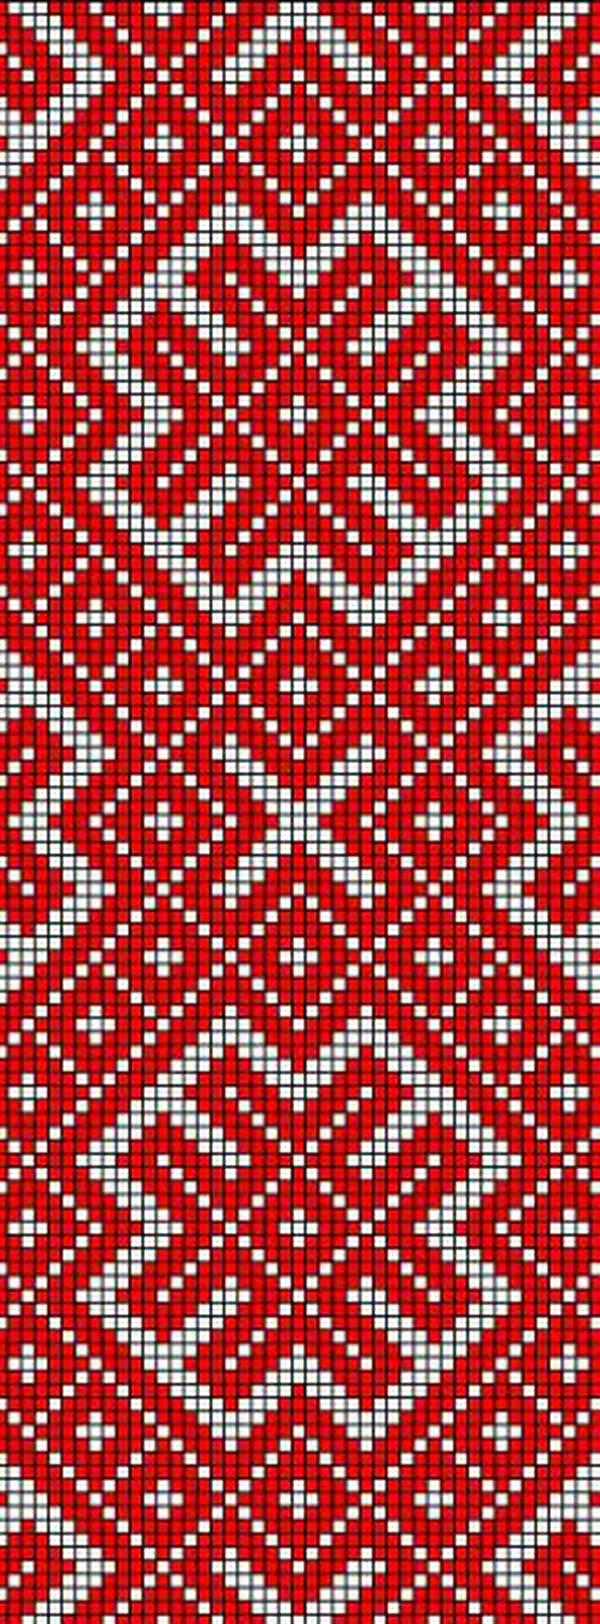 Латышские орнаменты картинки